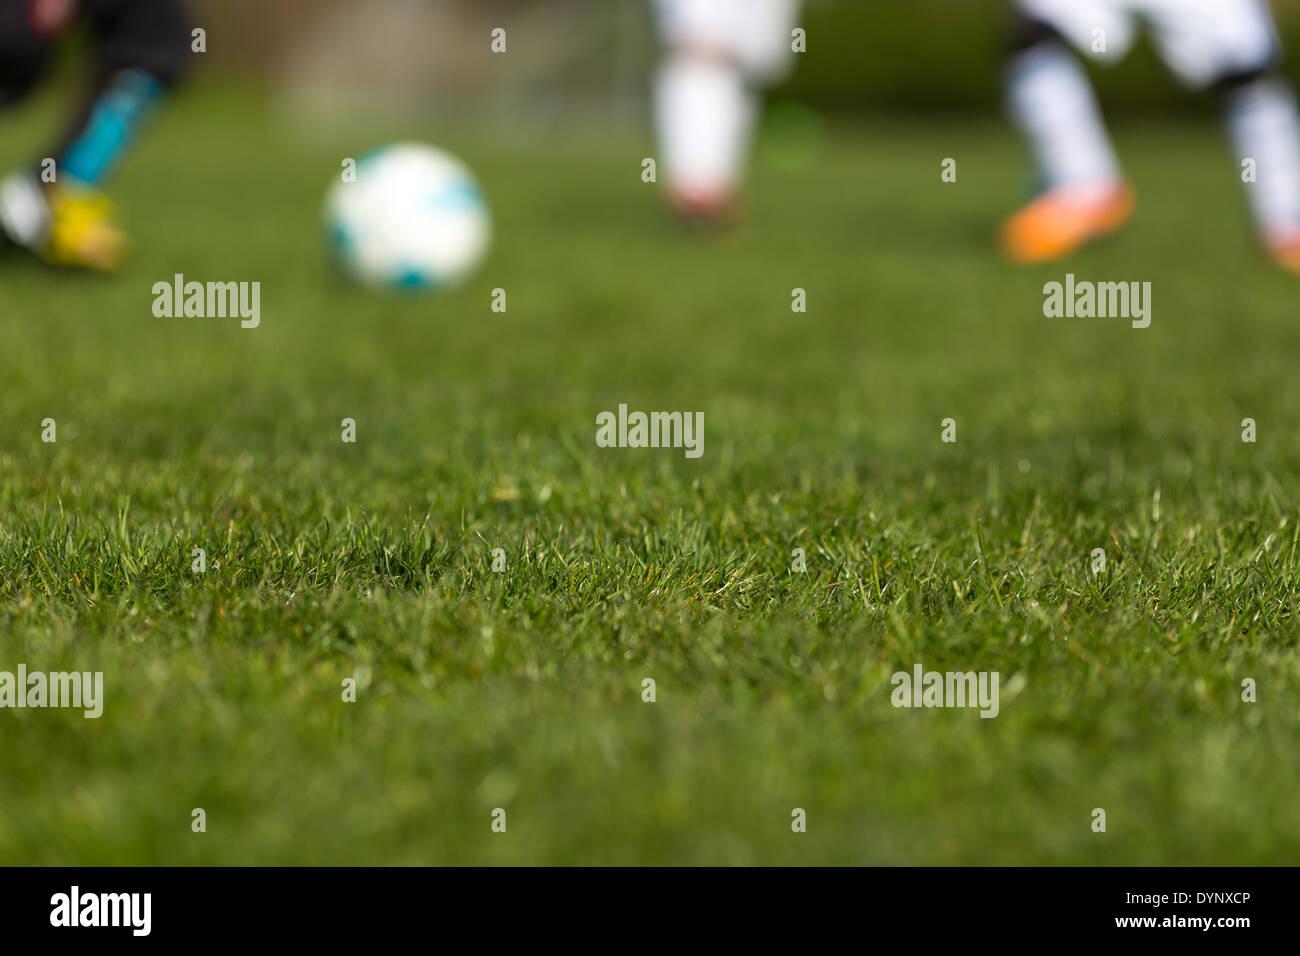 Tappeti Per Bambini Campo Da Calcio : Gambe sfocata e pallone da calcio sul verde tappeto erboso di